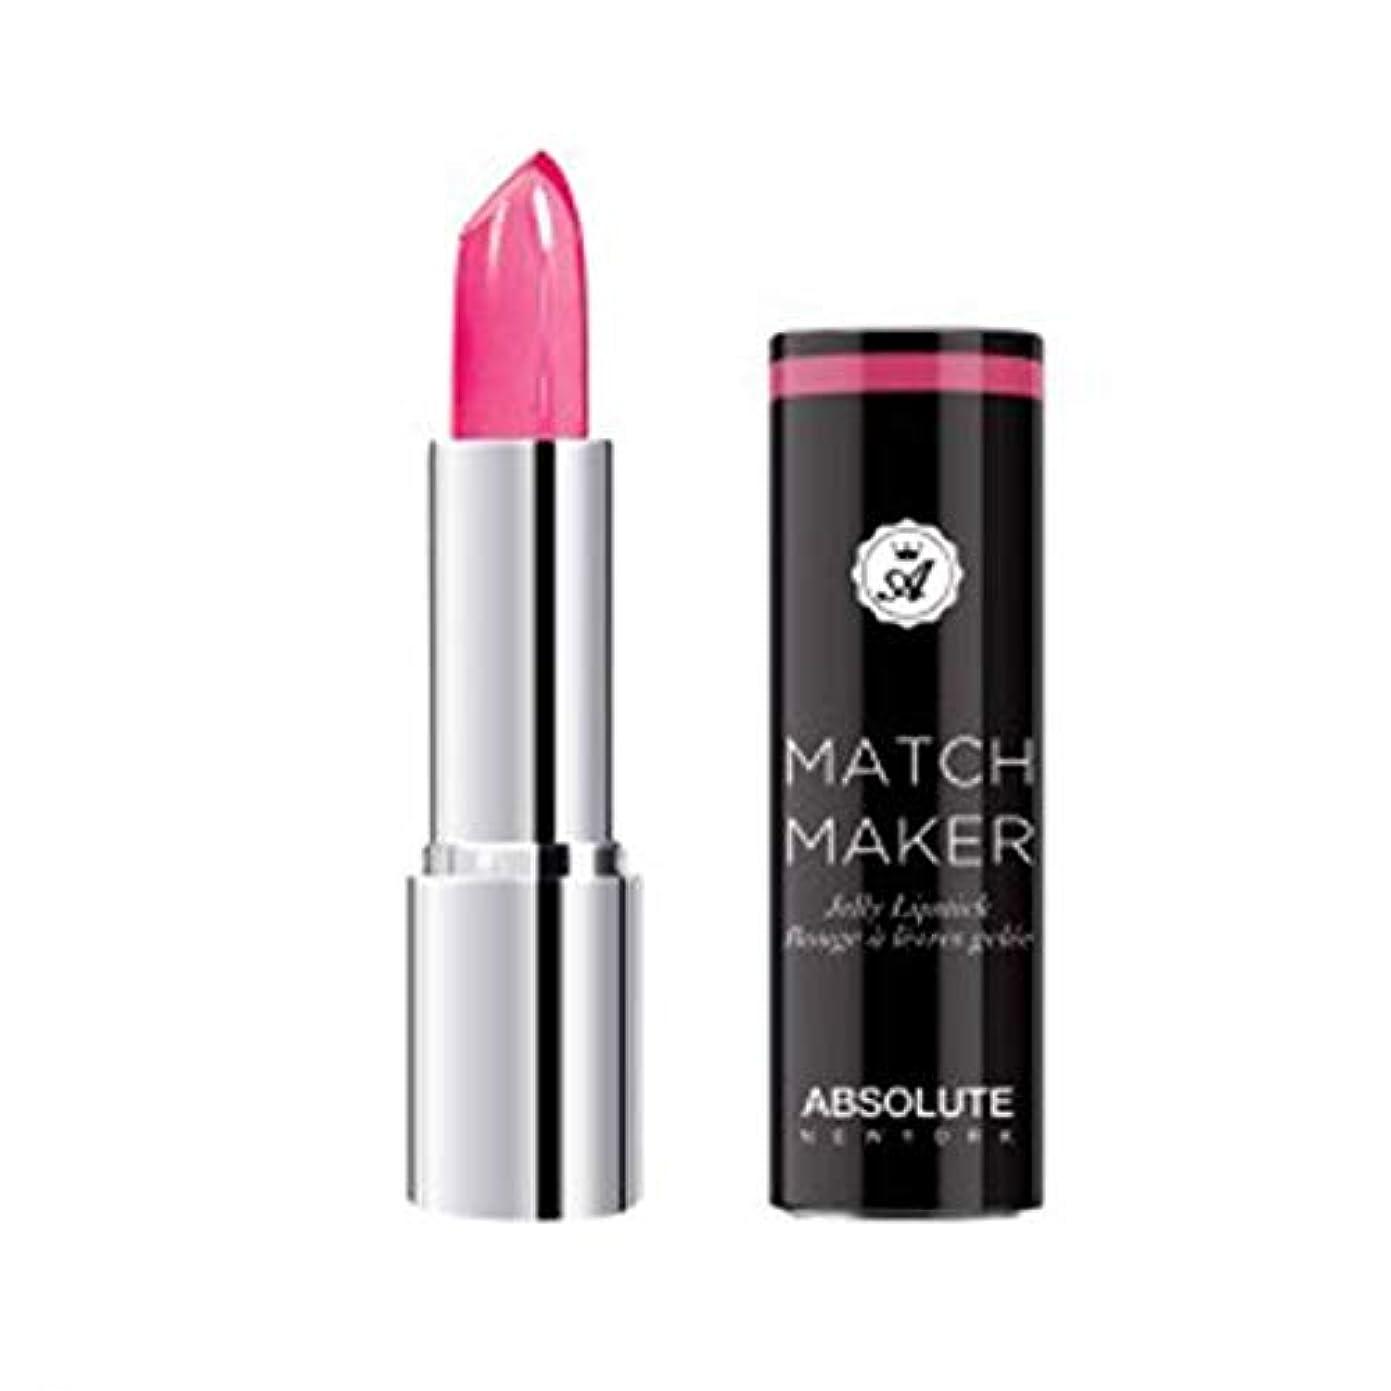 取り付け平方強制的ABSOLUTE Match Maker Jelly Lipstick - First Move (並行輸入品)